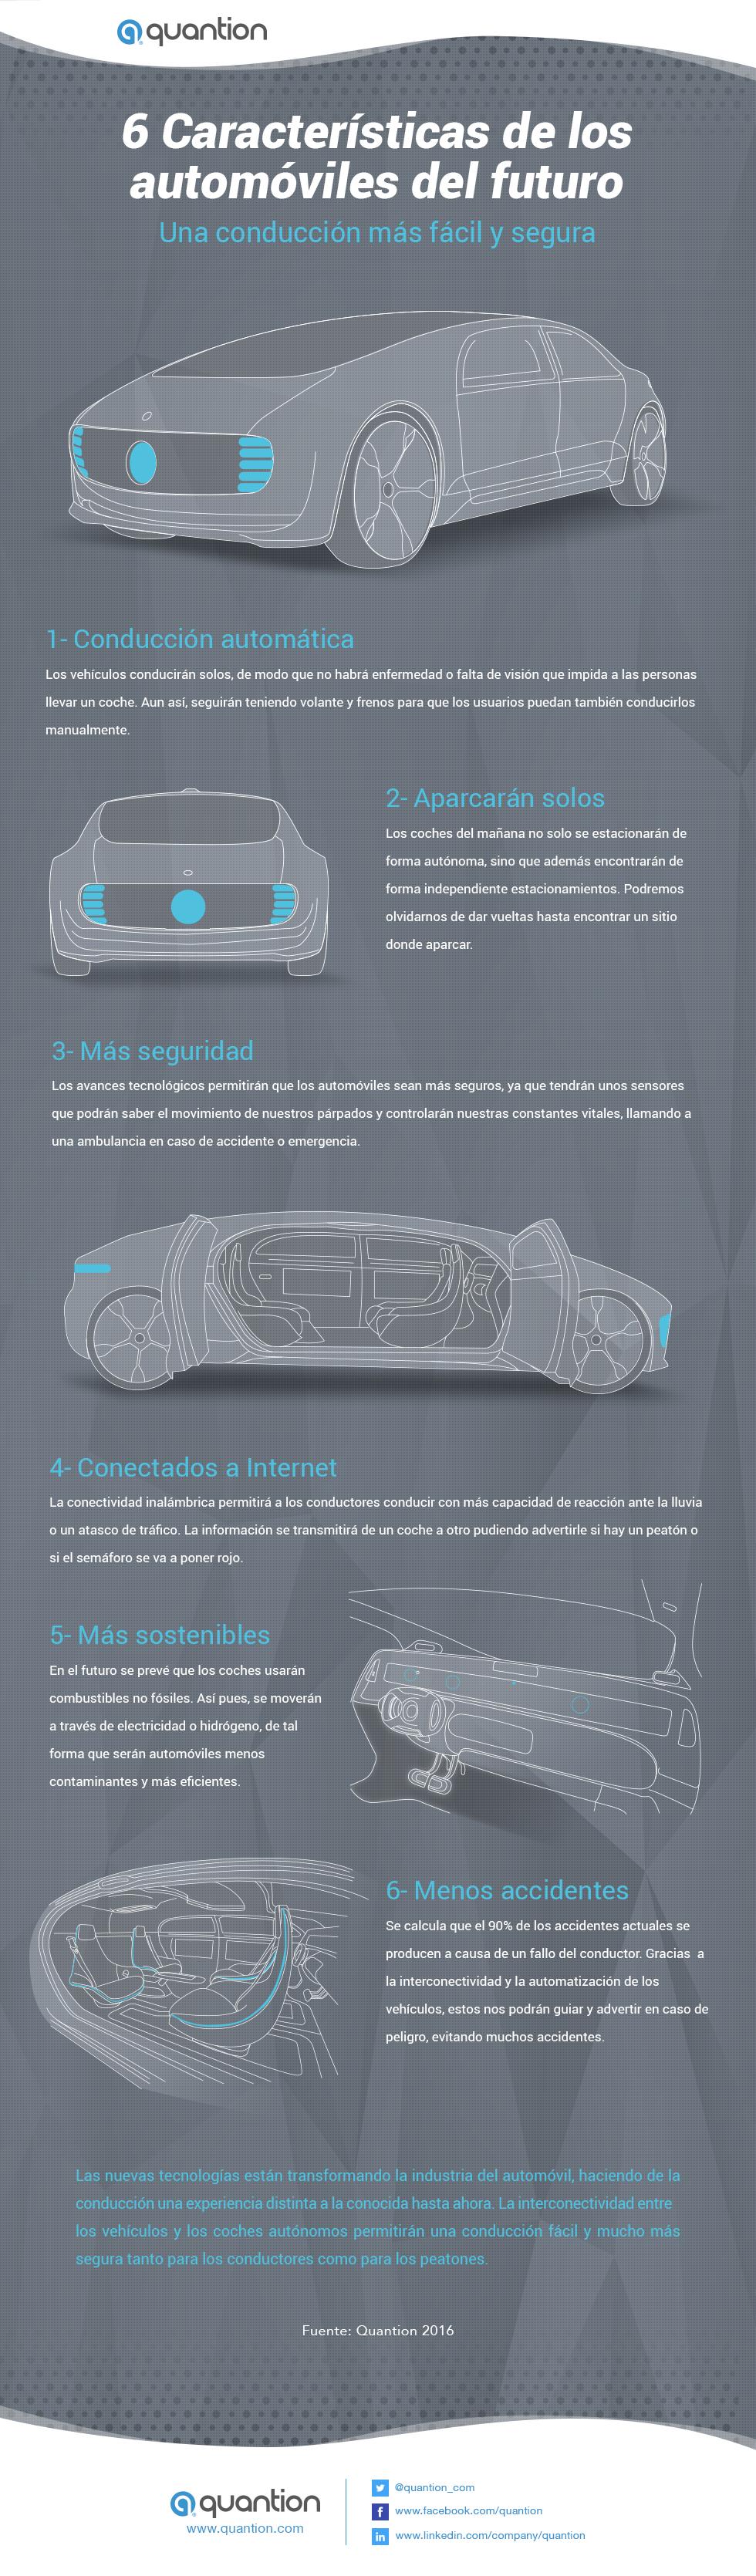 6 características de los automóviles del futuro